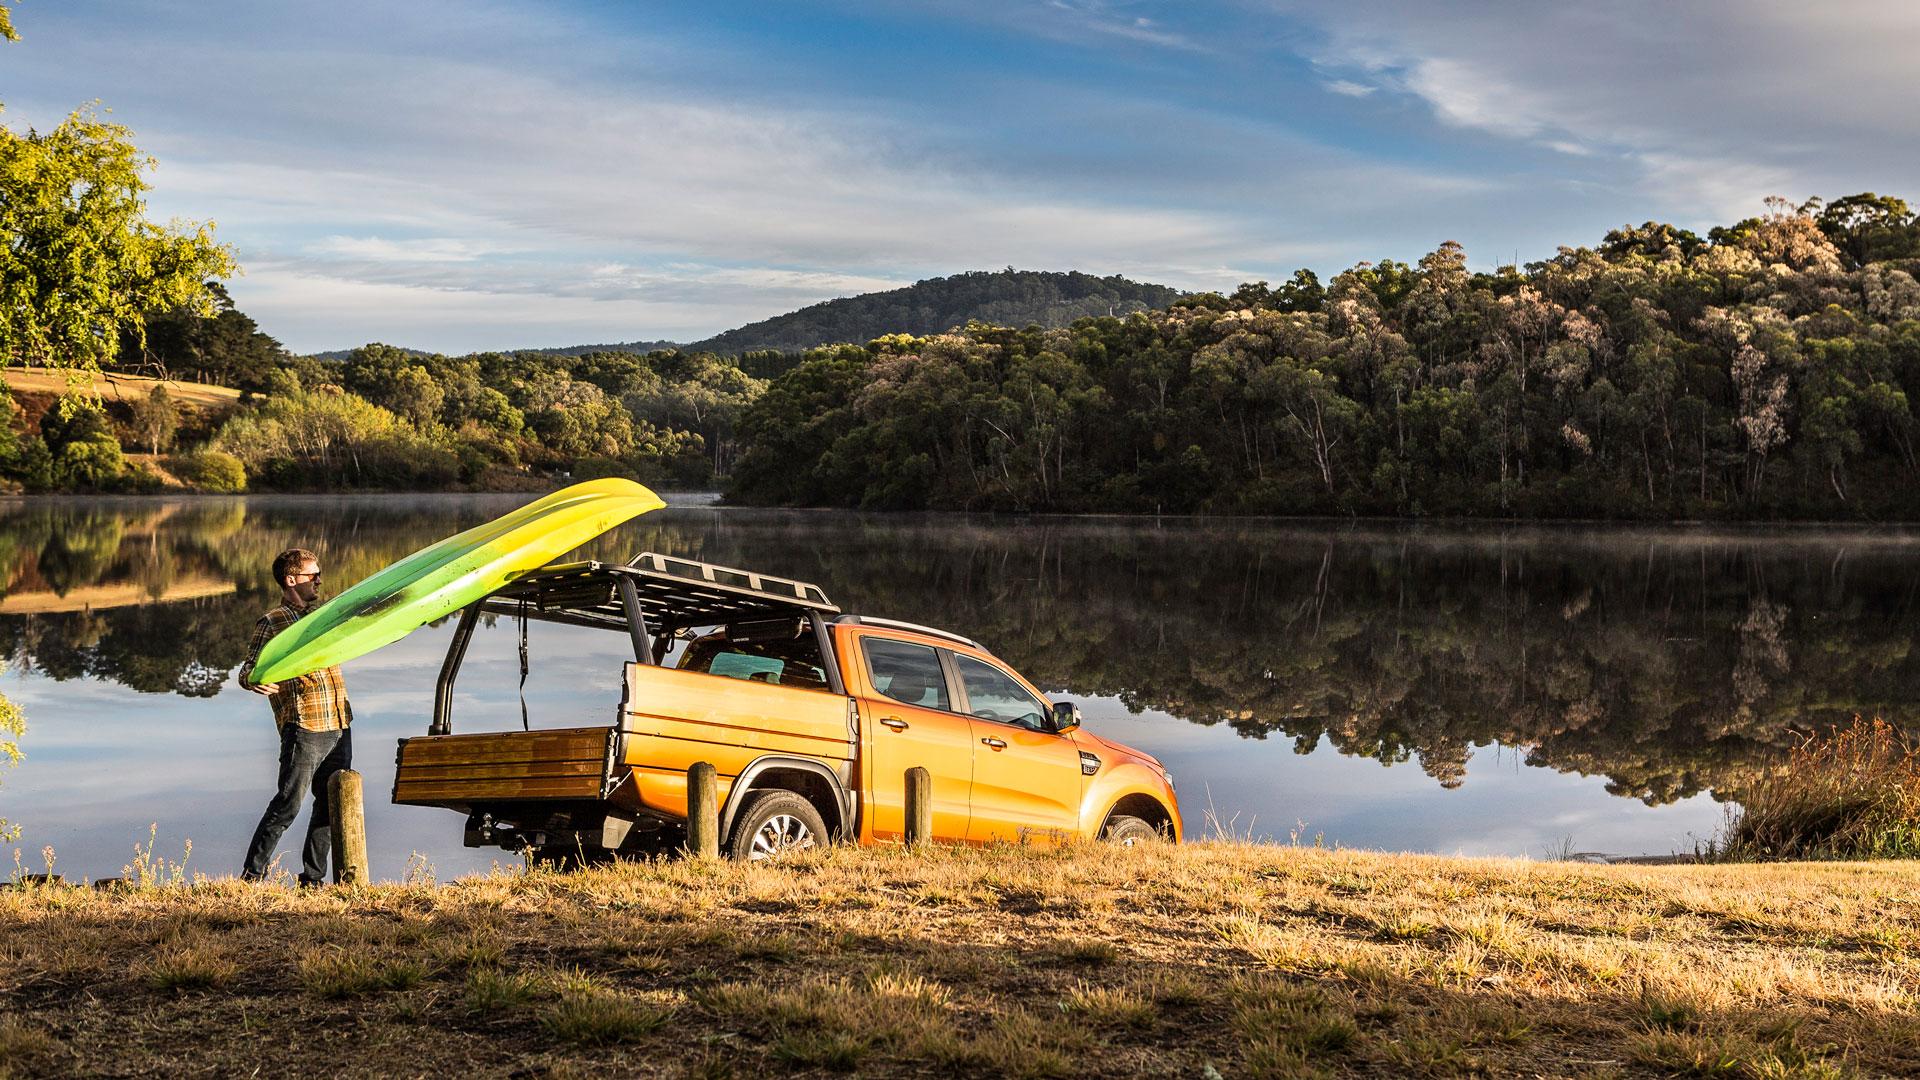 Ford Ranger SUB alloy tray at a lake